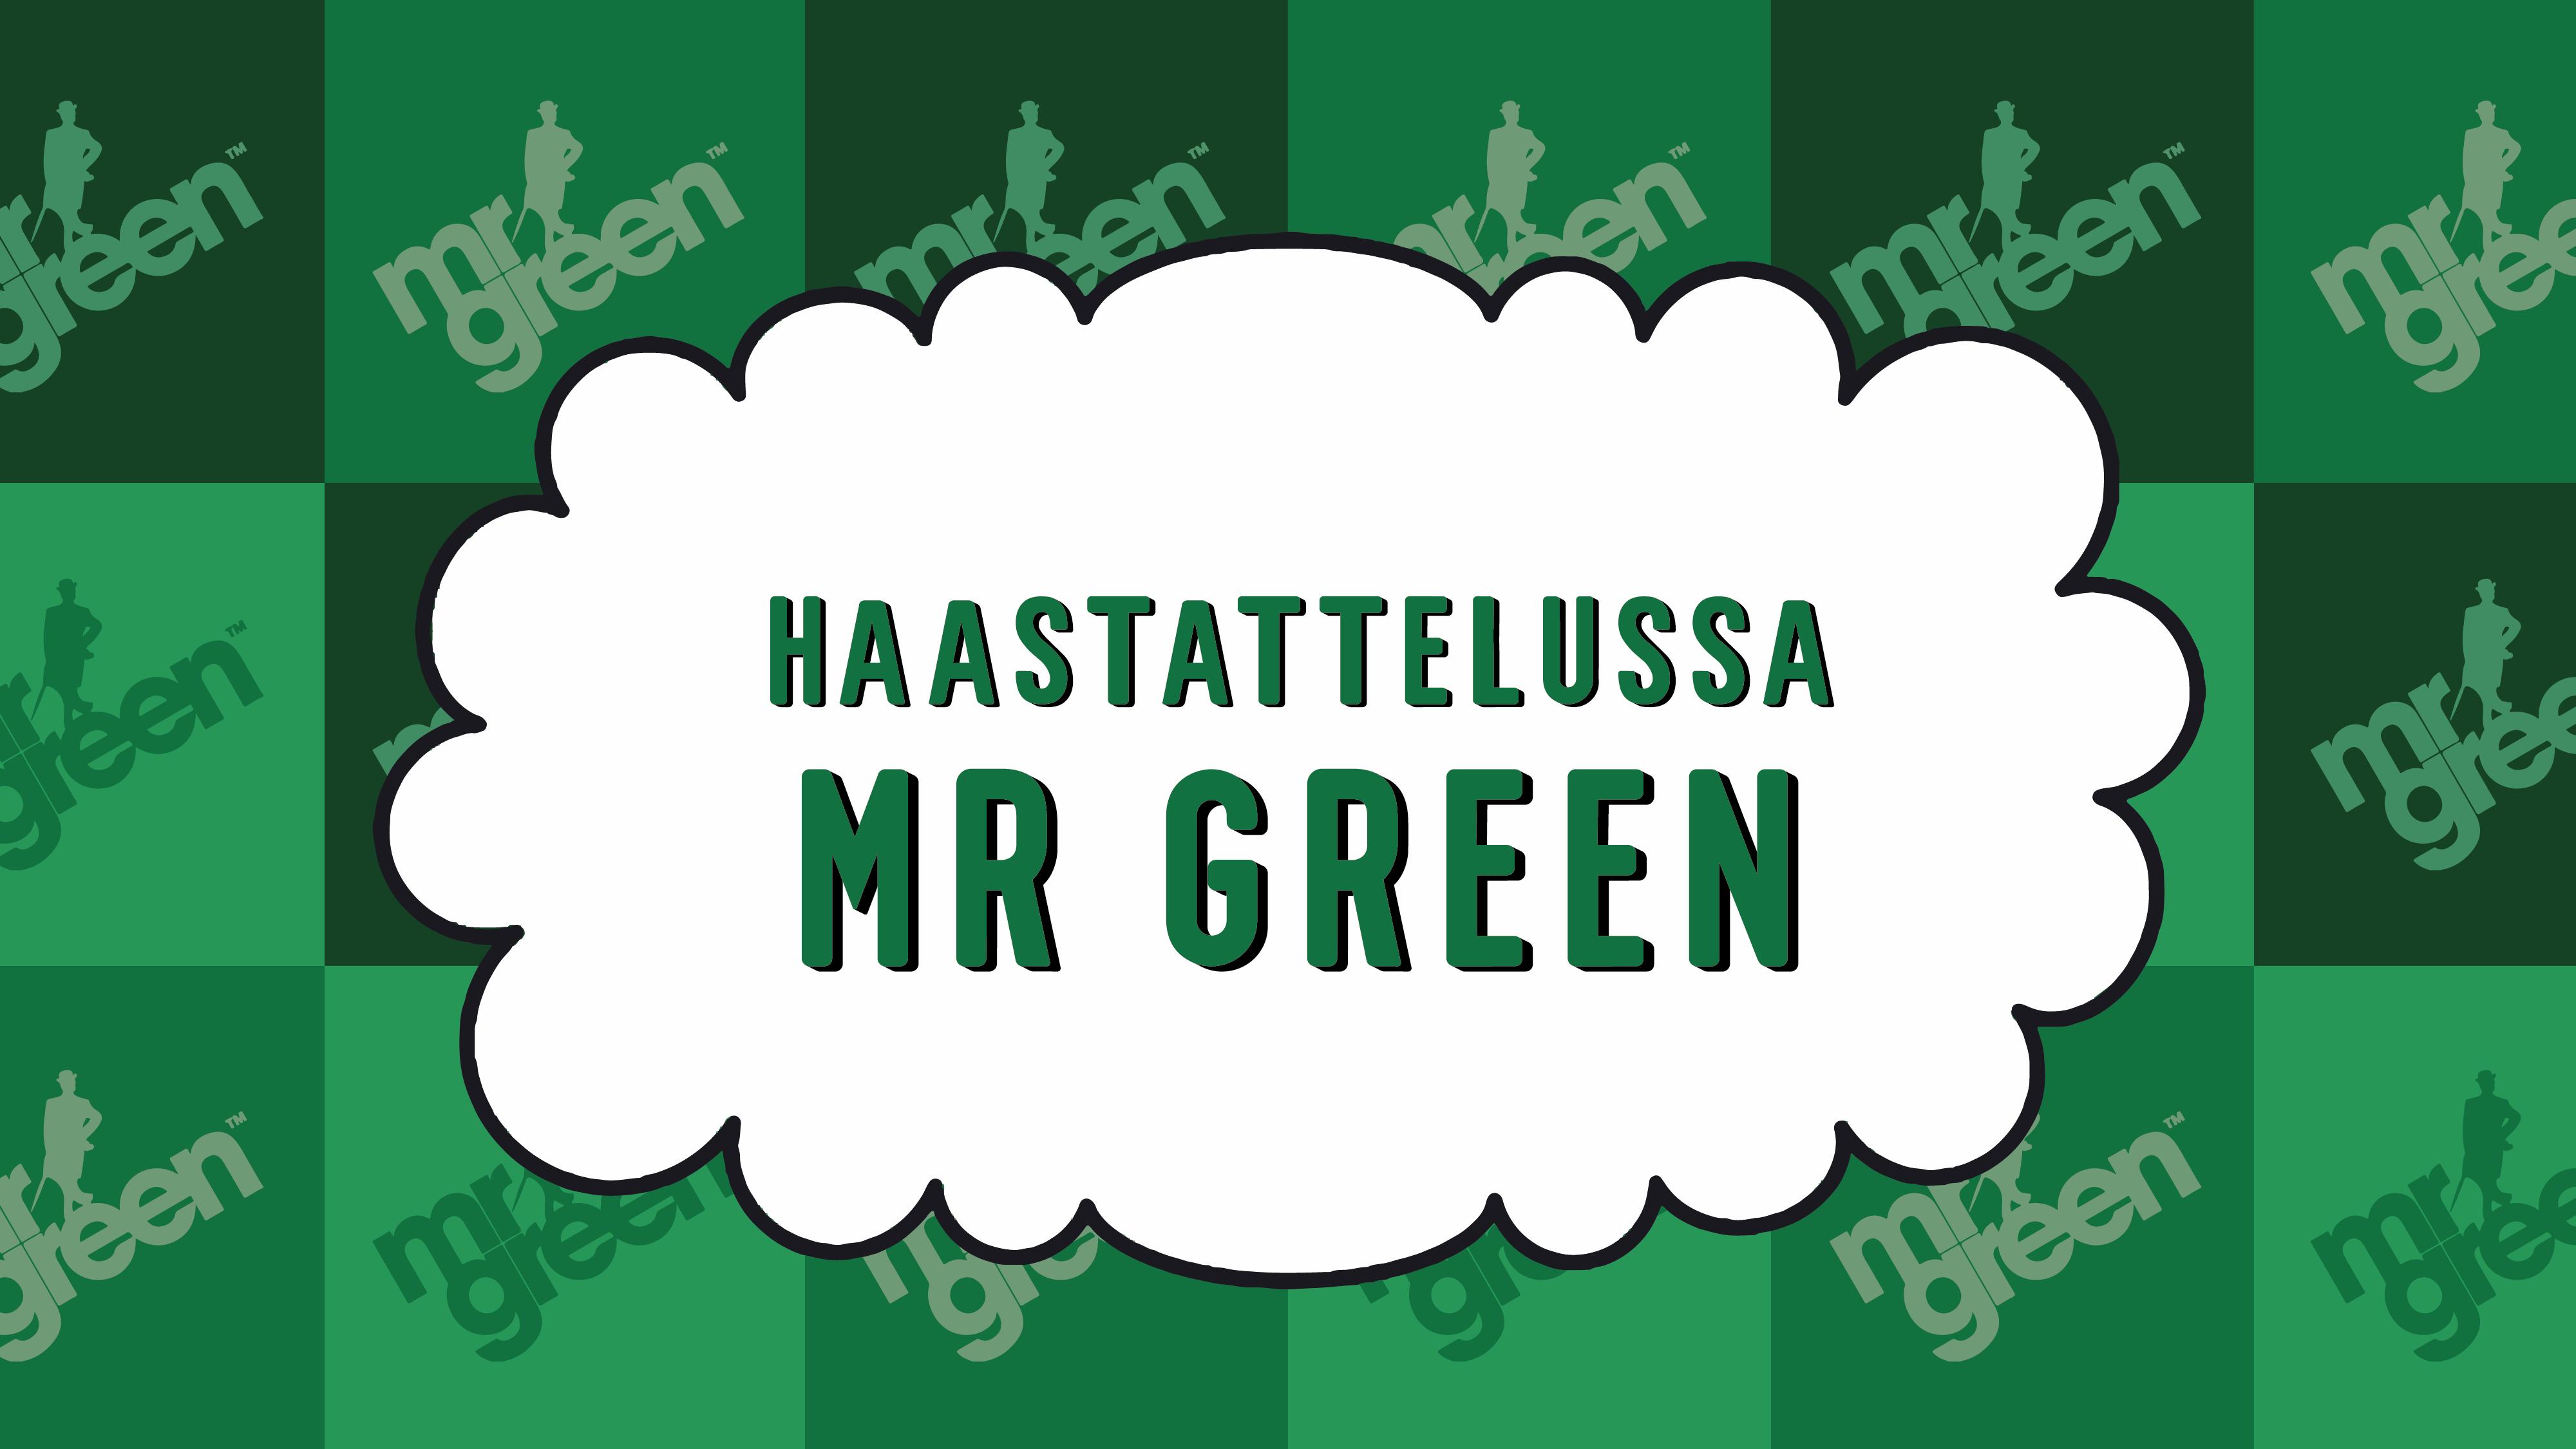 Haastattelussa Mr Green